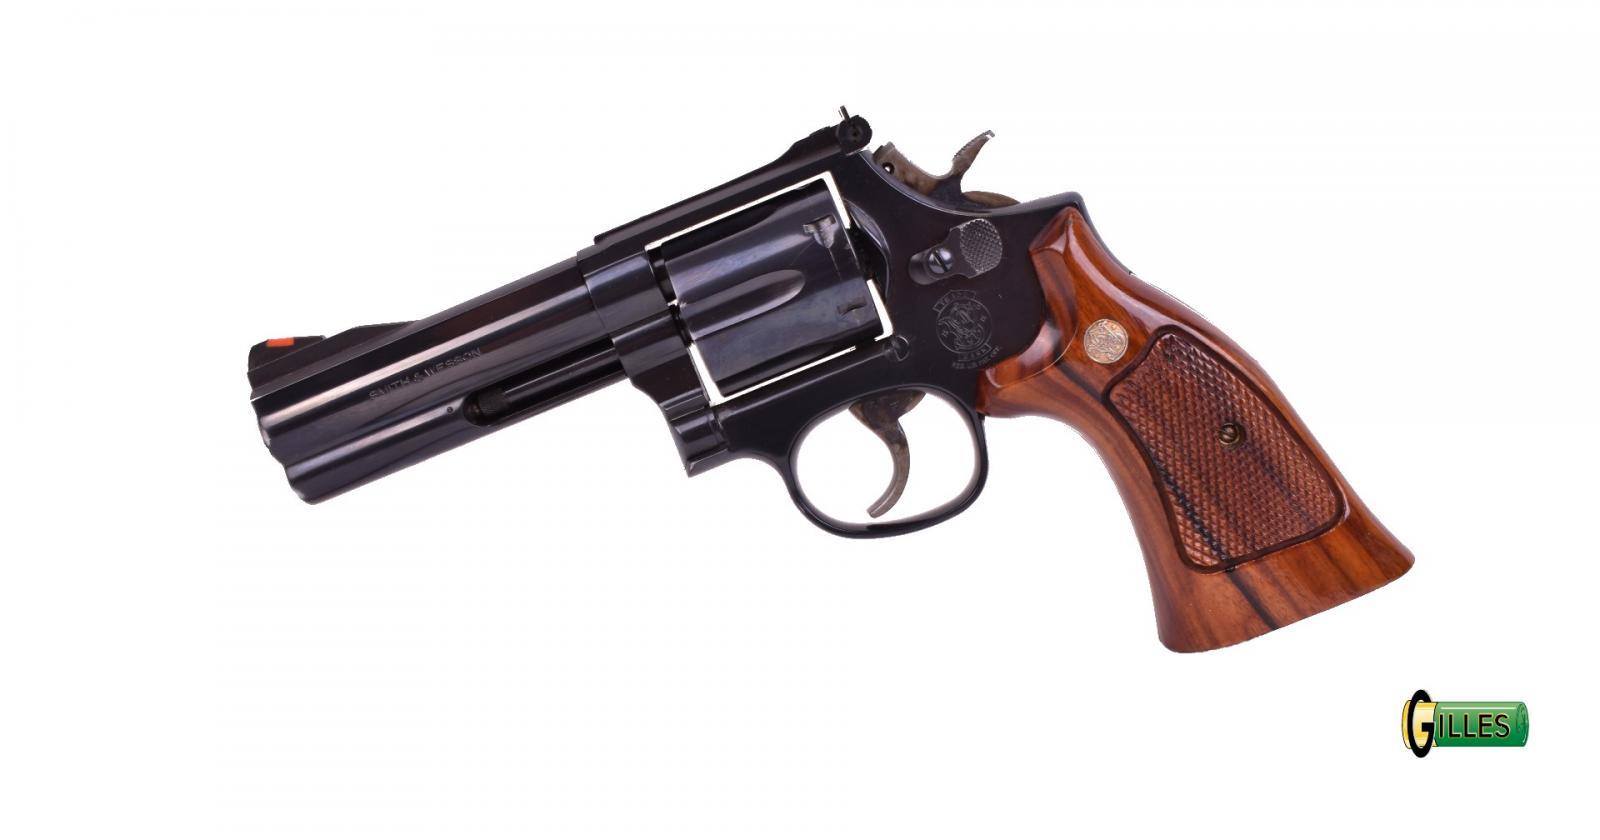 OCCASION Revolver S&W 586 canon 4'' Cal. 357 mag